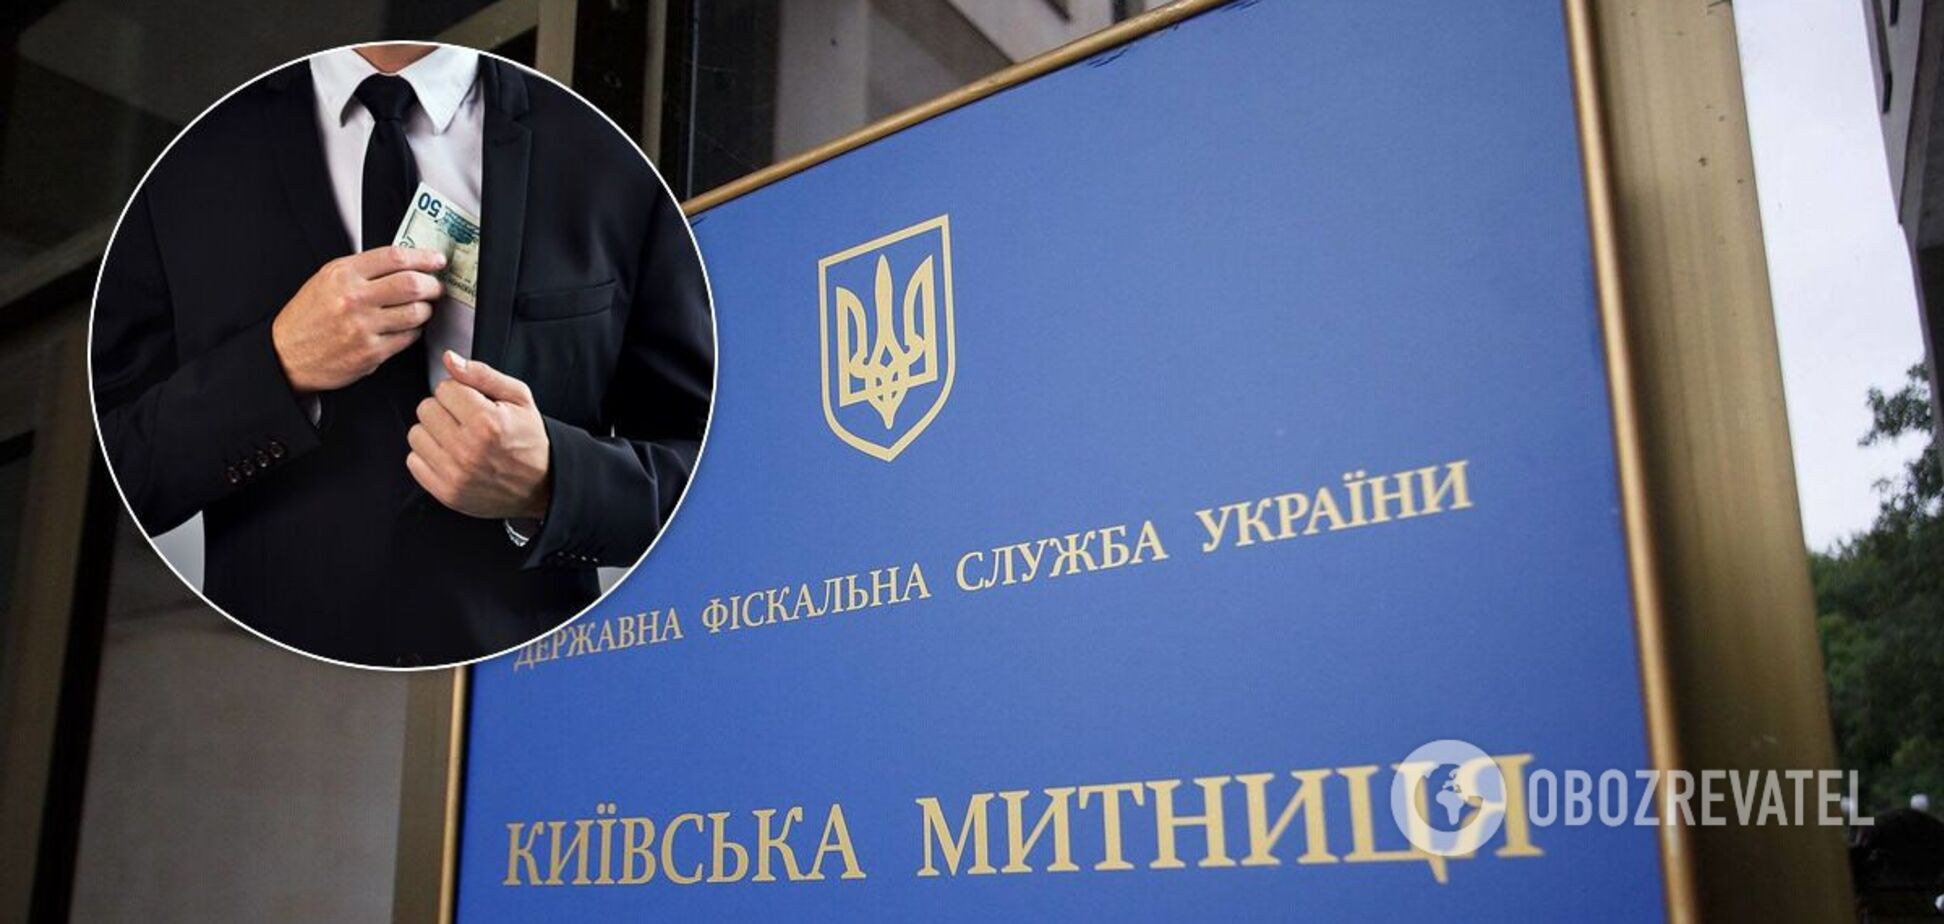 На Киевскую таможню взяли подозреваемого по делу Альперина